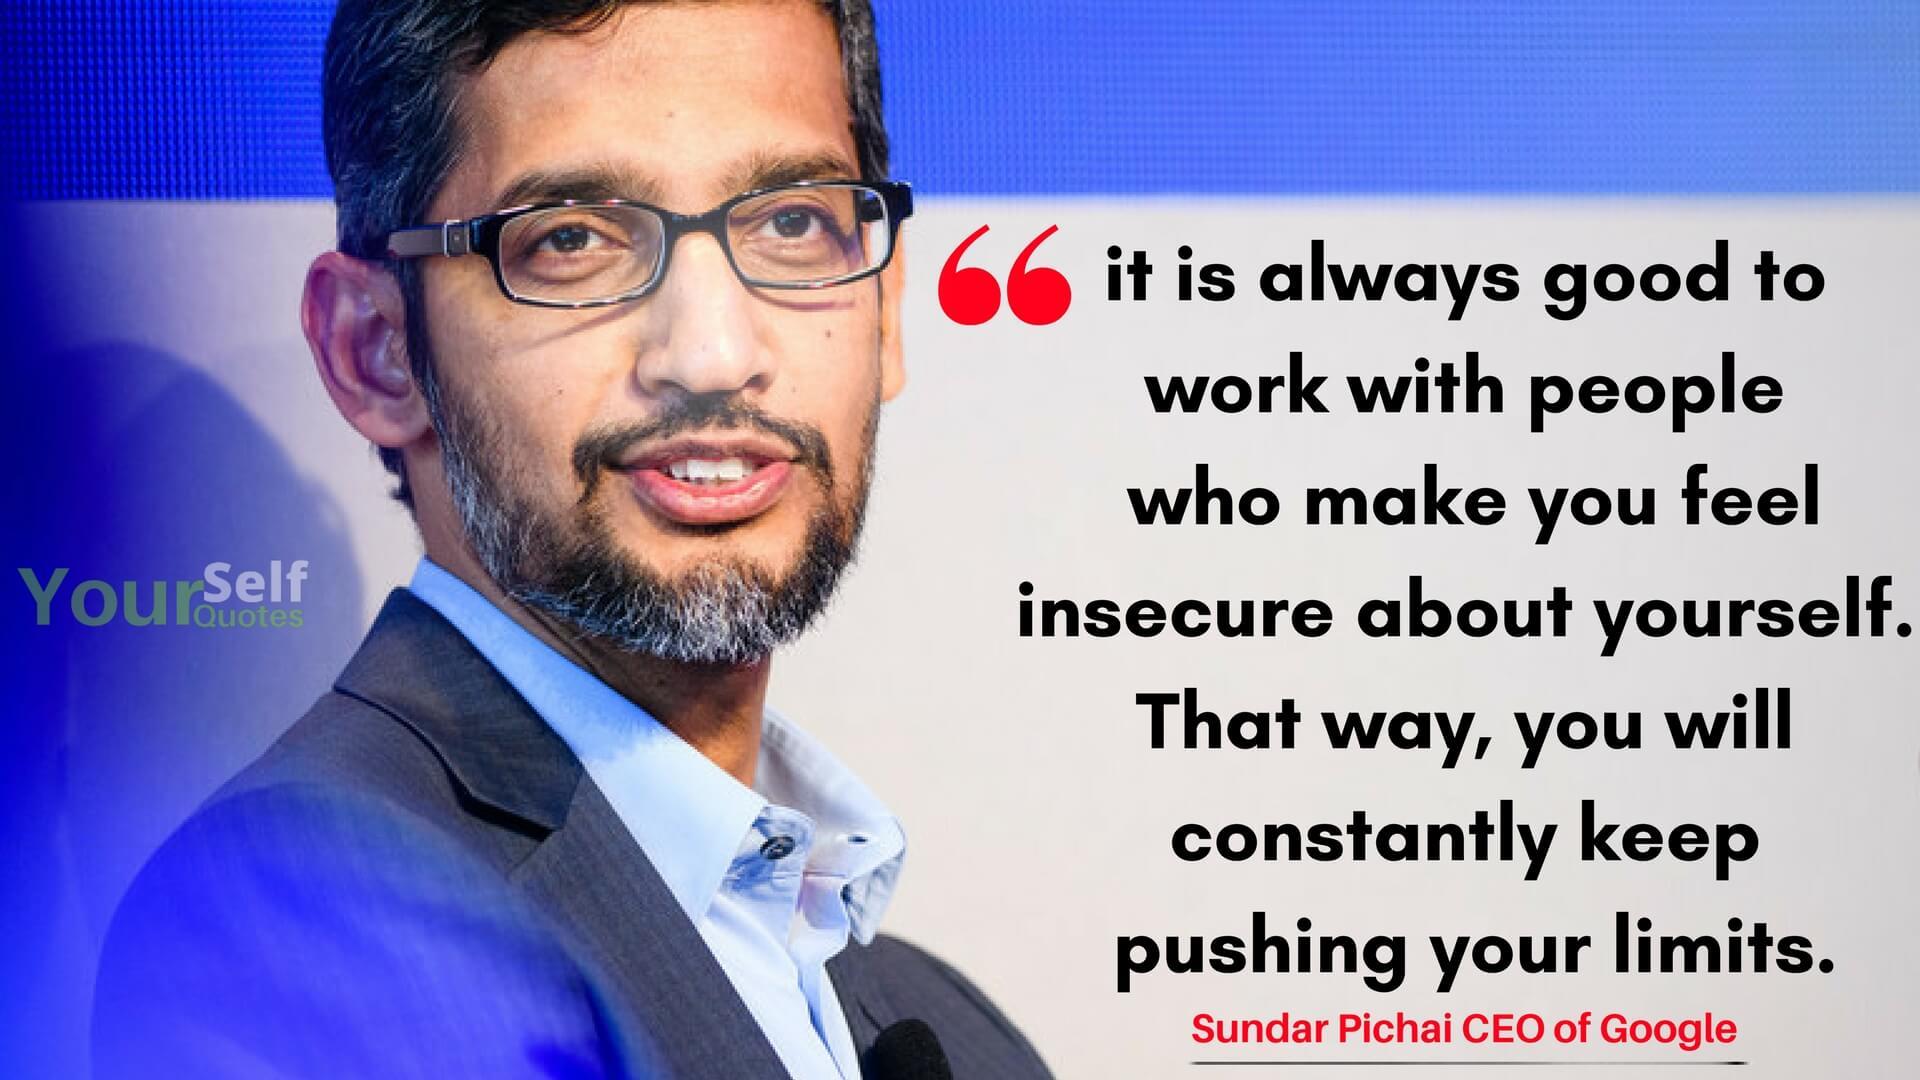 Quotes of Sundar Pichai